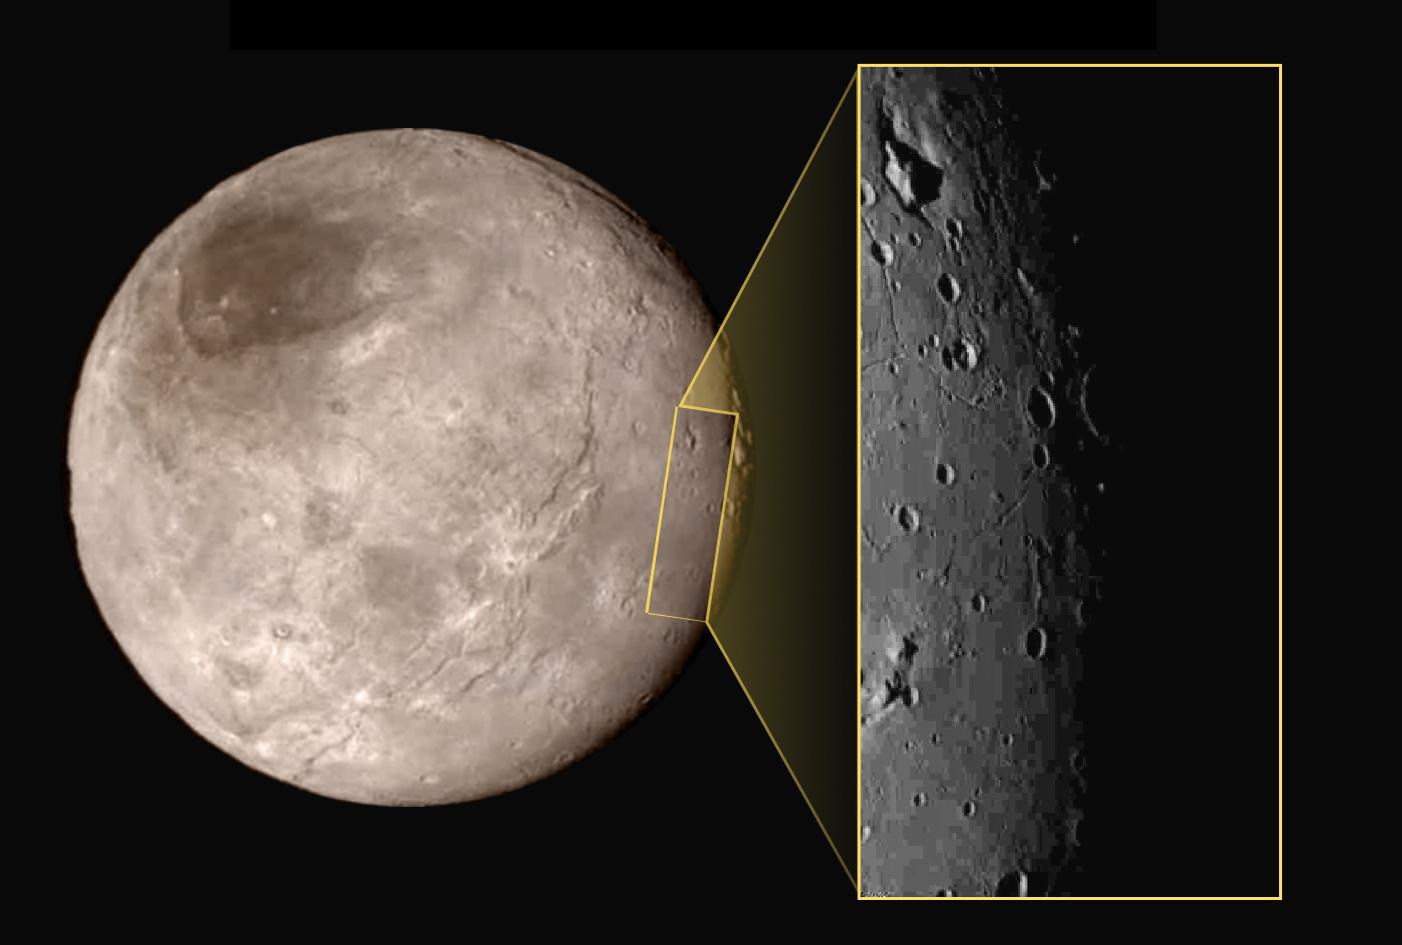 Snímky Pluta ze sondy New Horizons